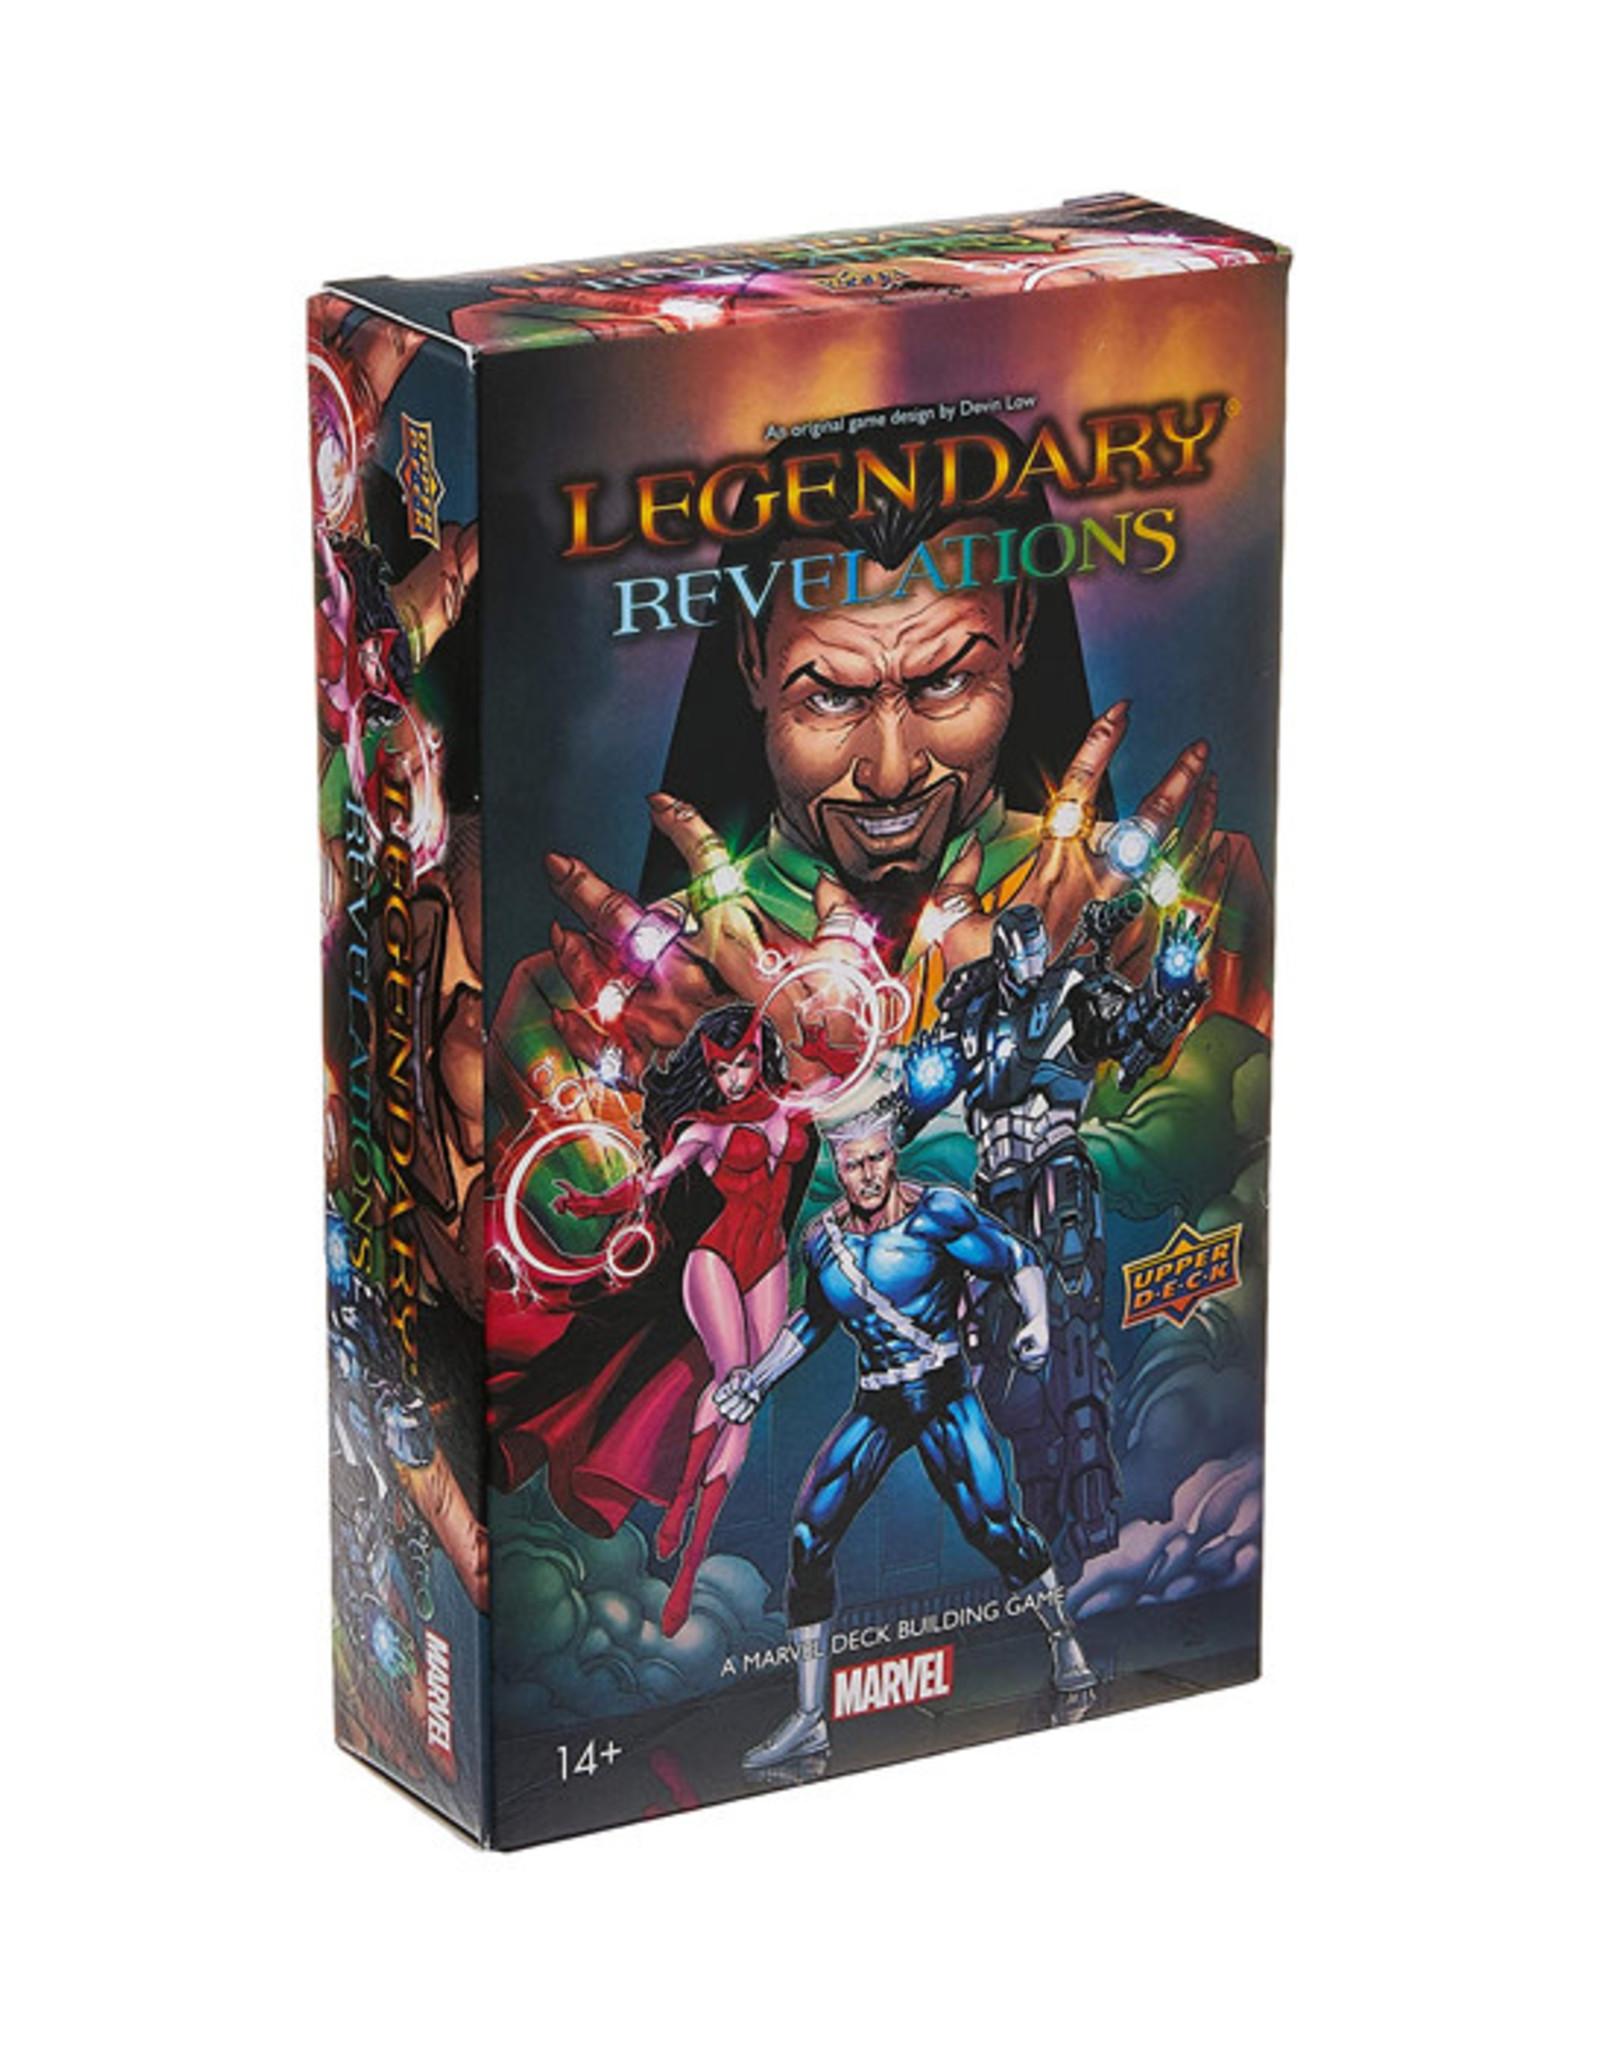 Legendary: Marvel - Revelations